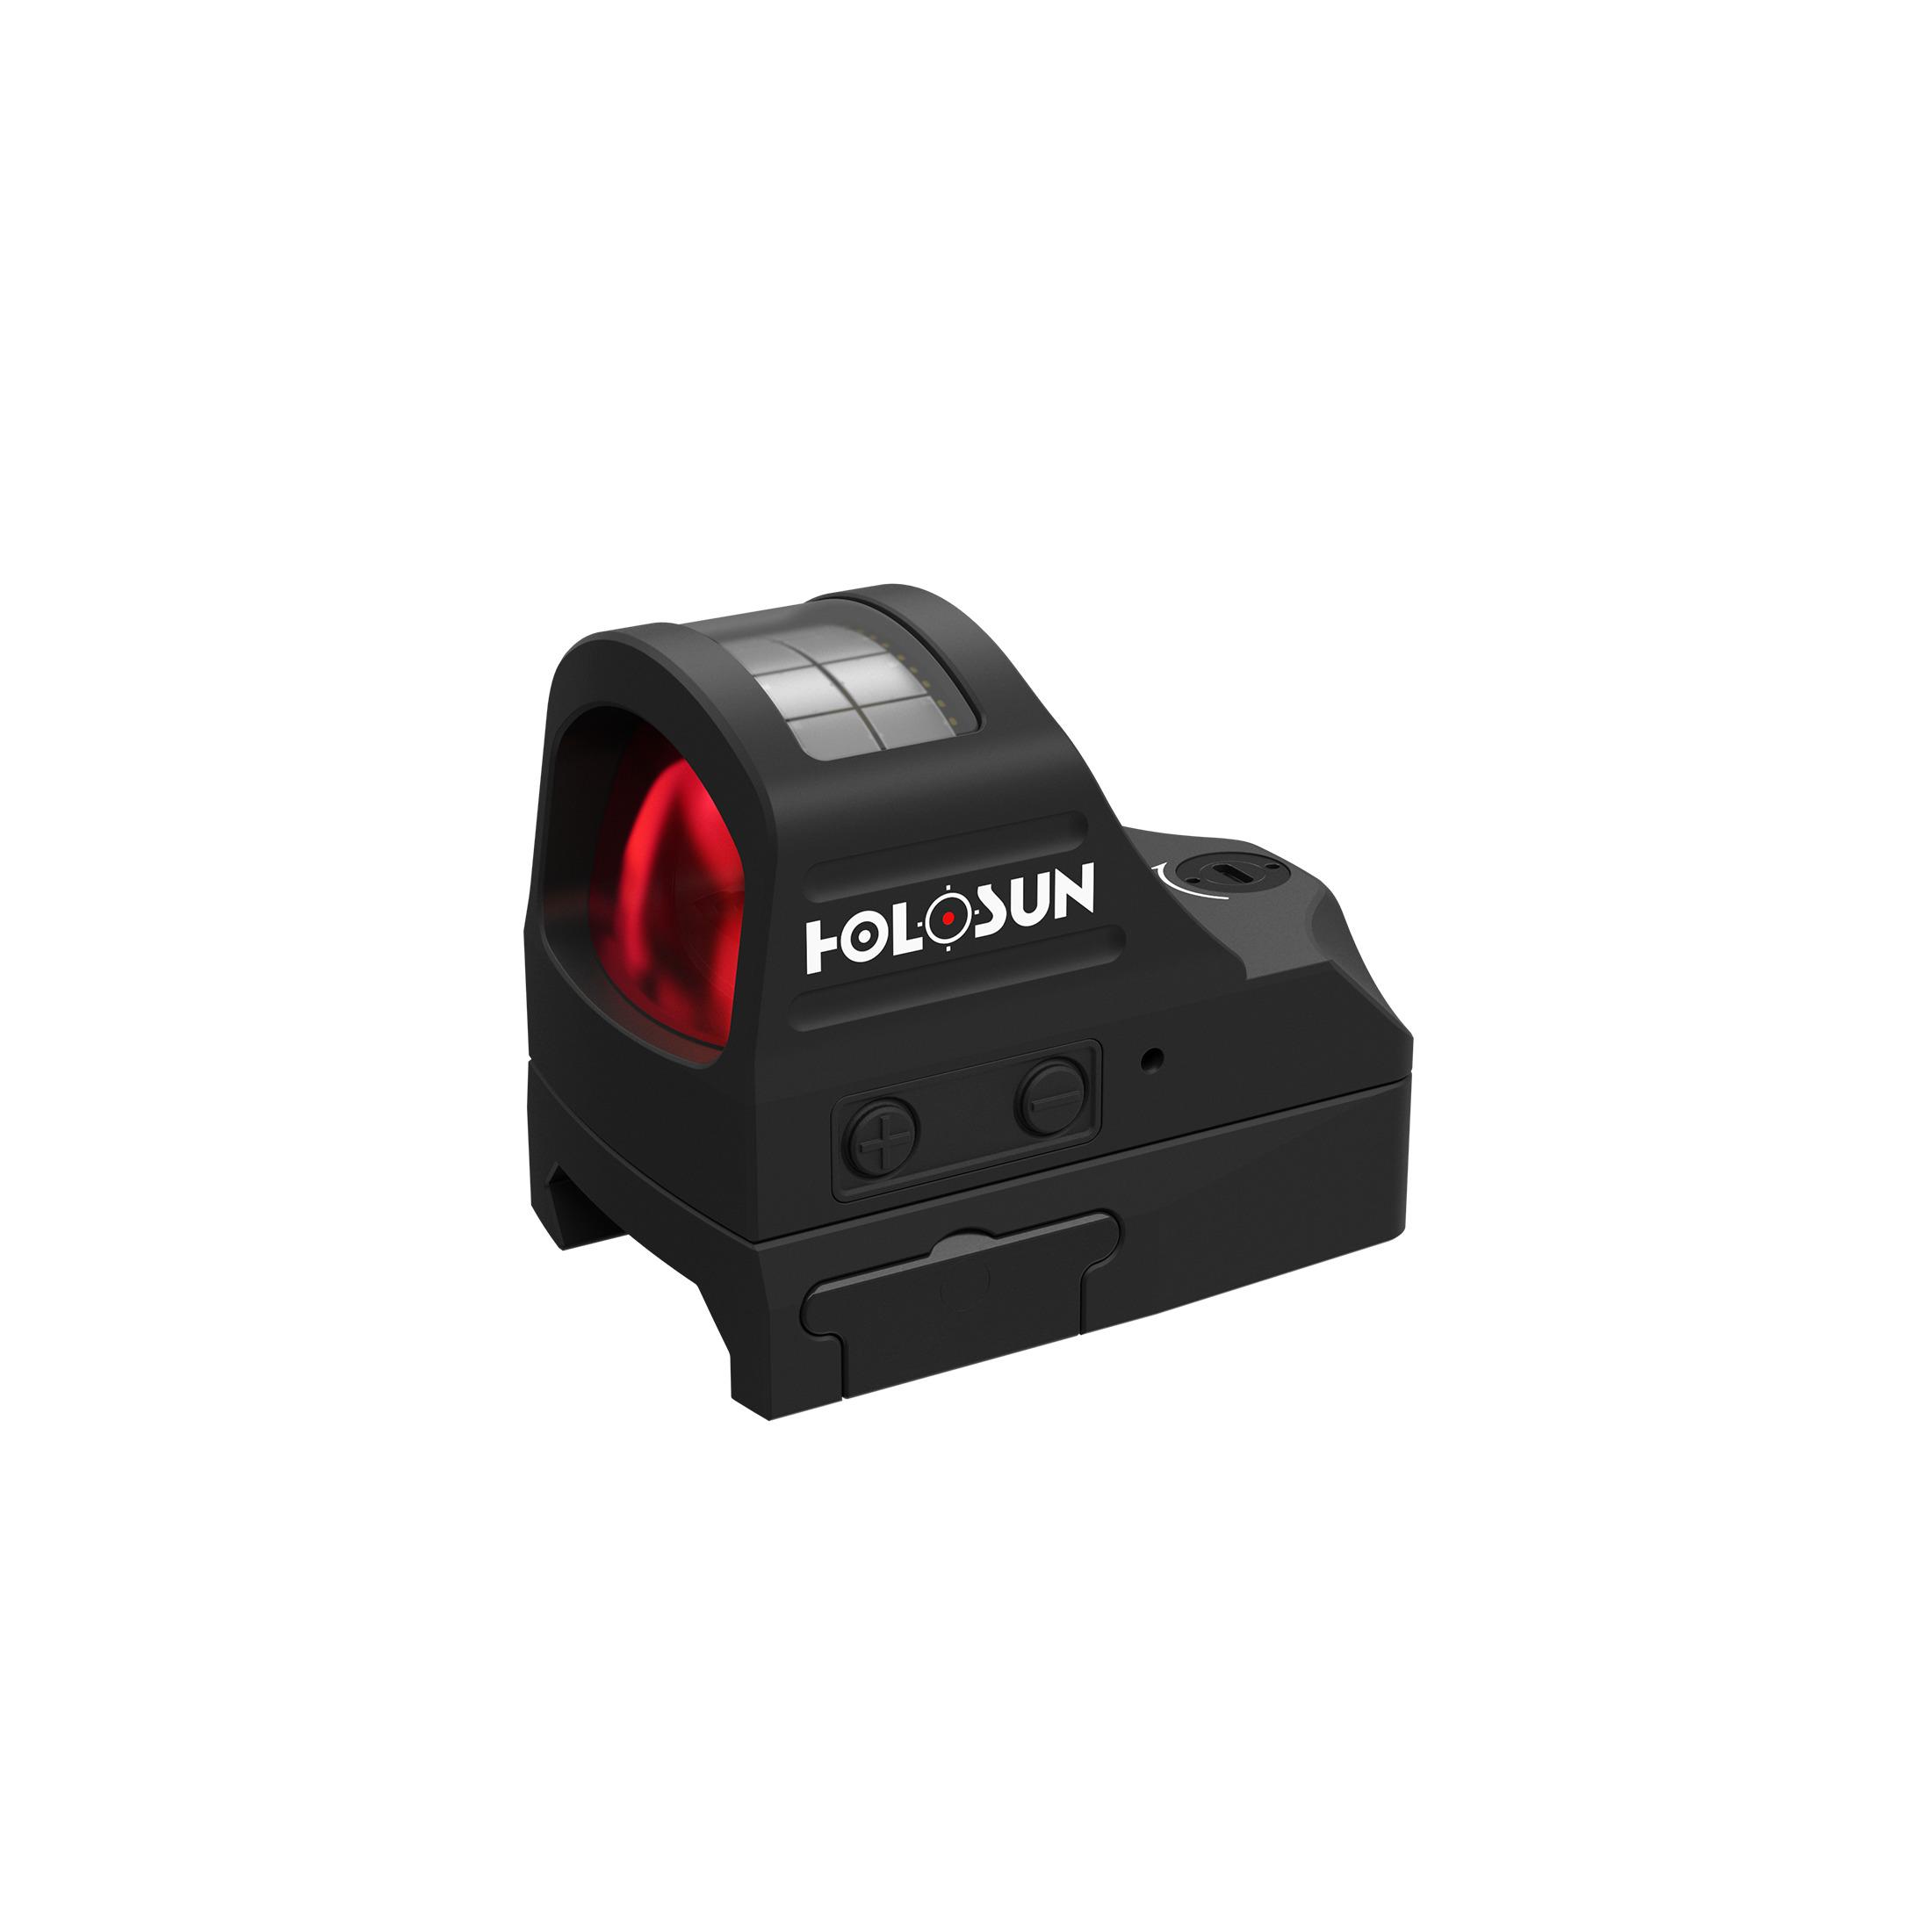 Holosun CLASSIC HS507C